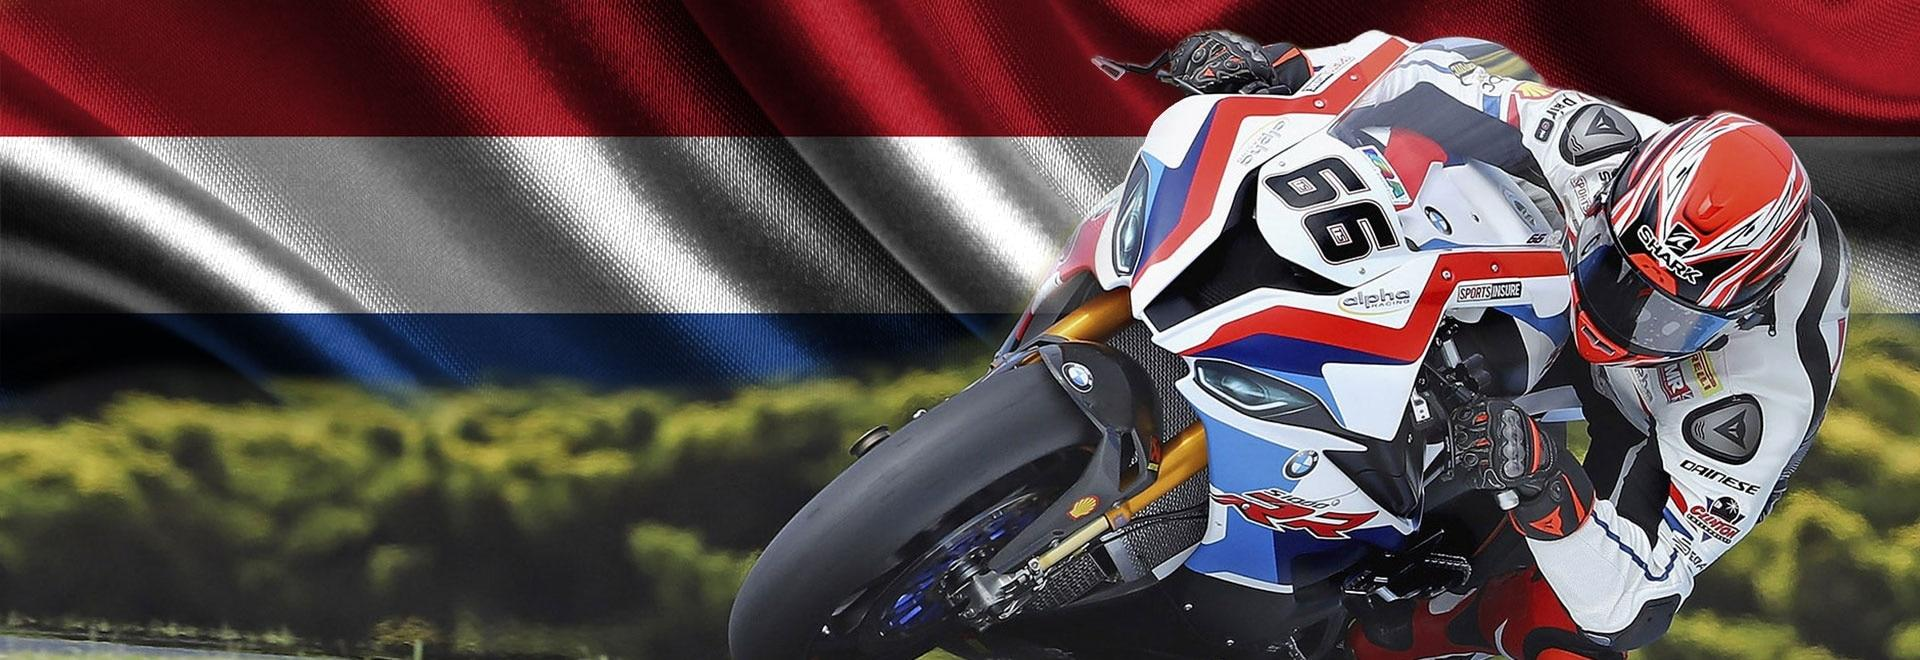 Olanda. Race 1